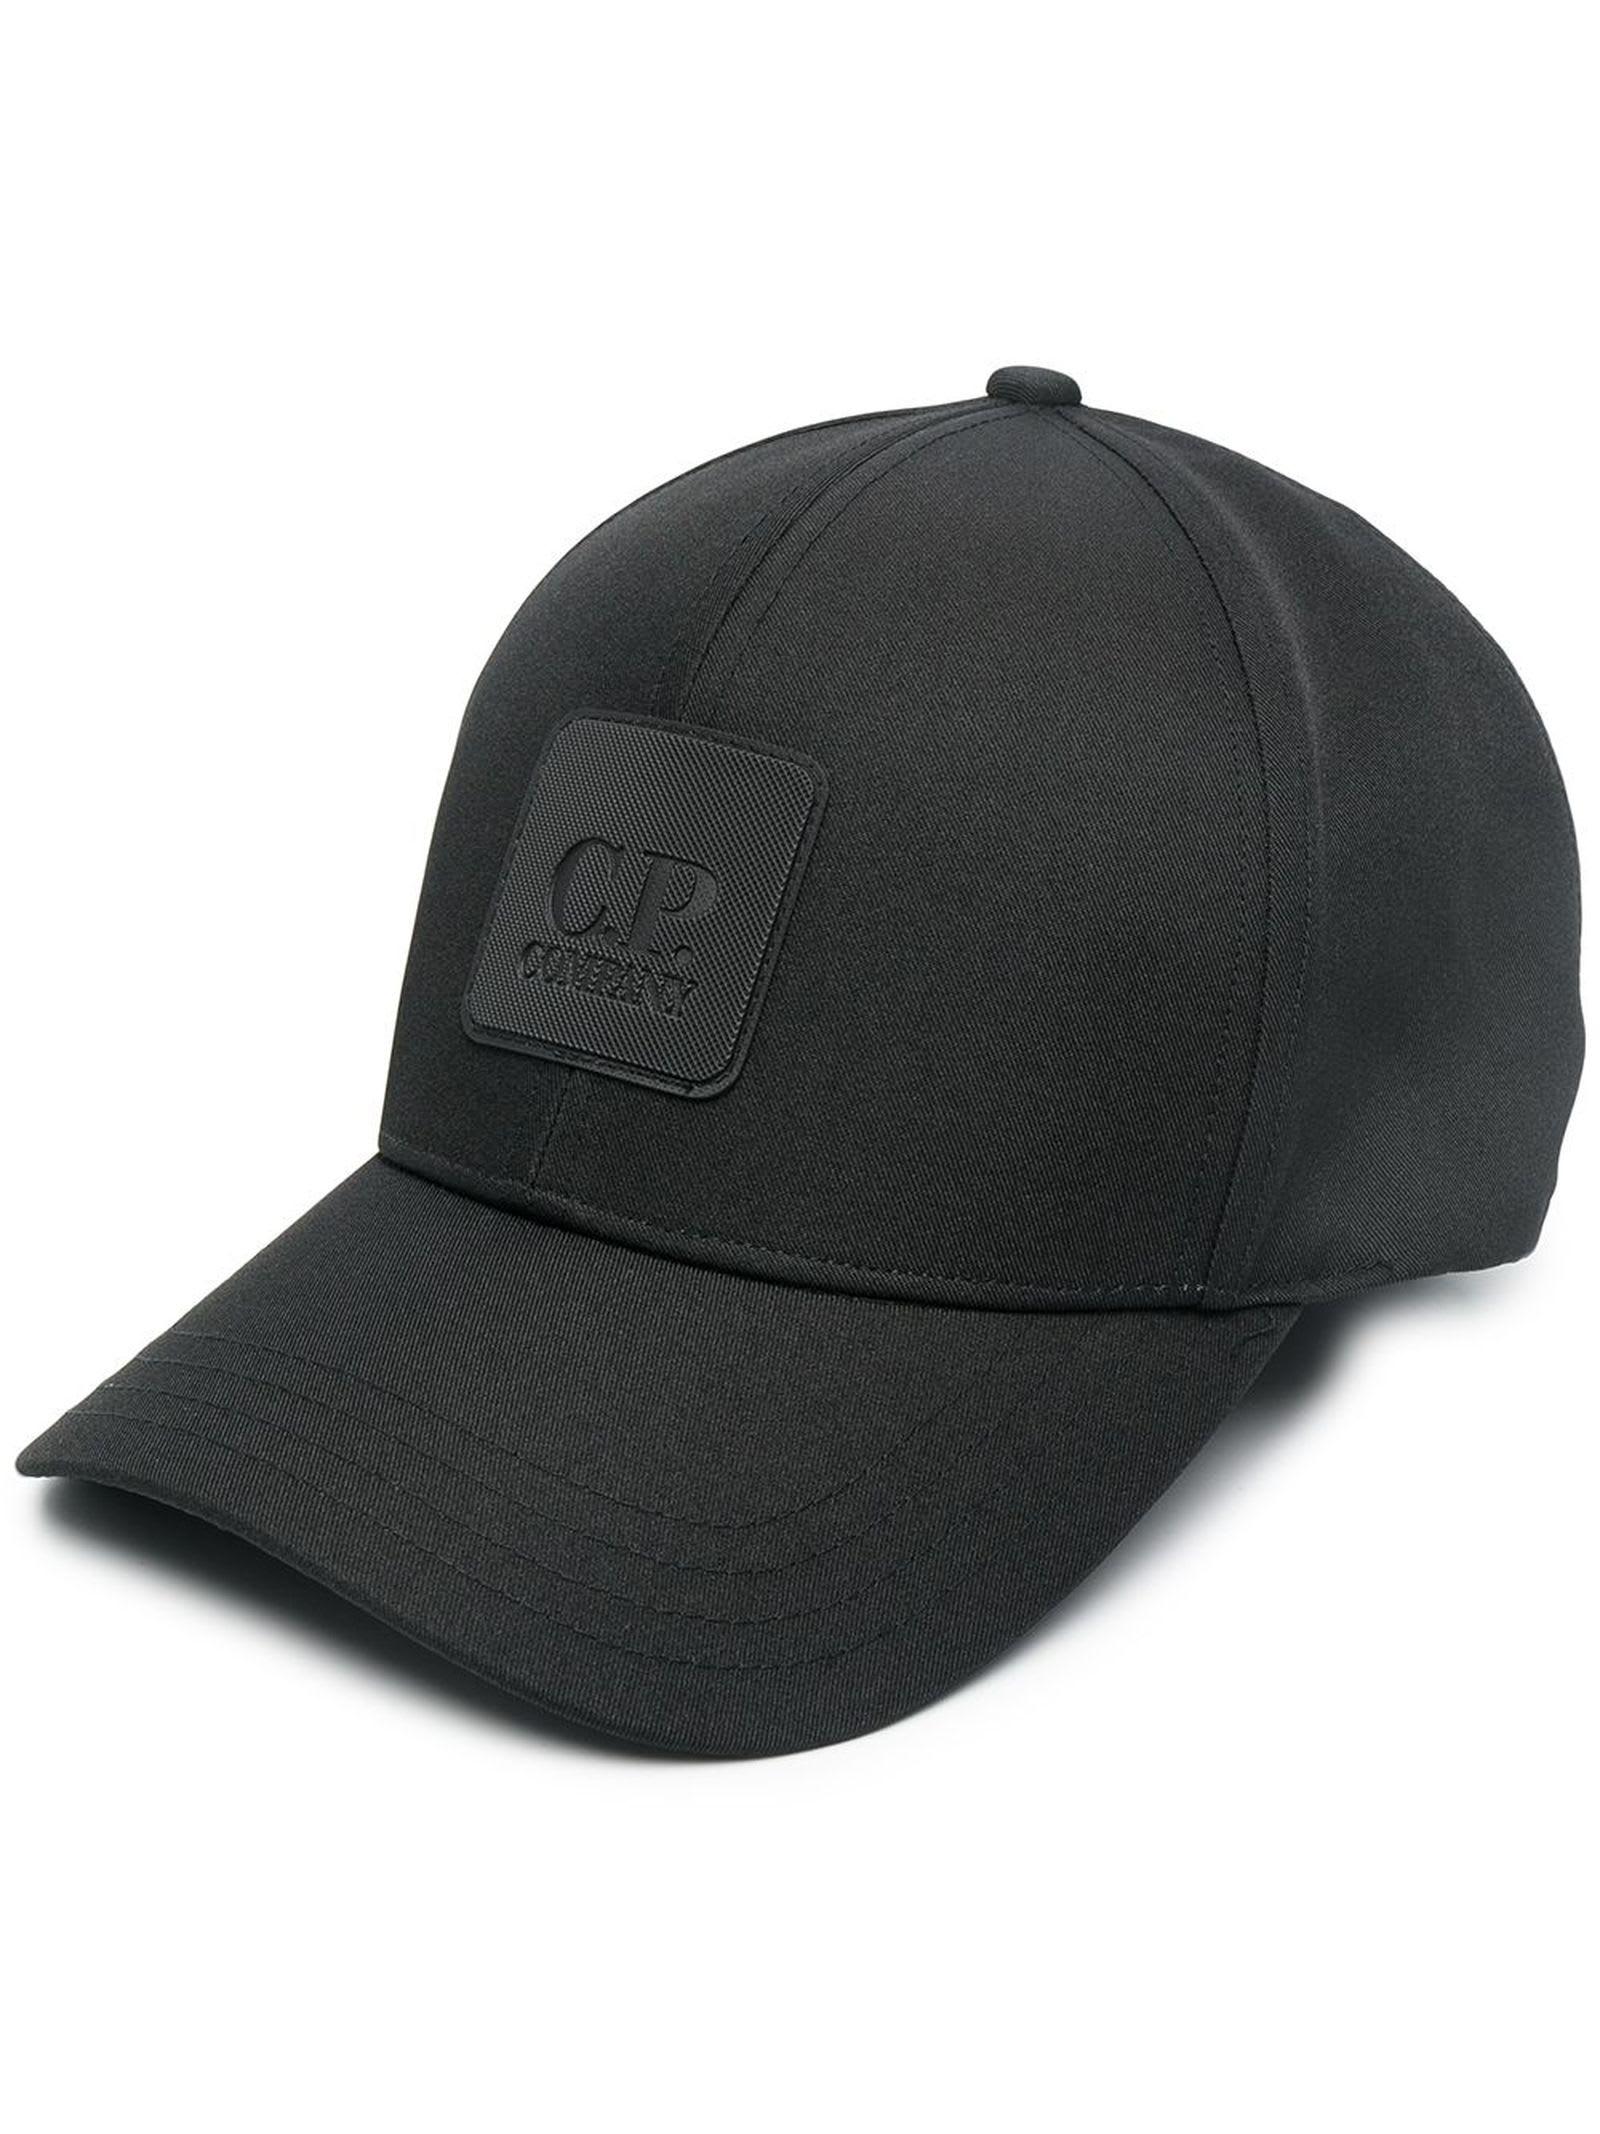 C.p. Company METROPOLIS SERIES LOGO BADGE CAP